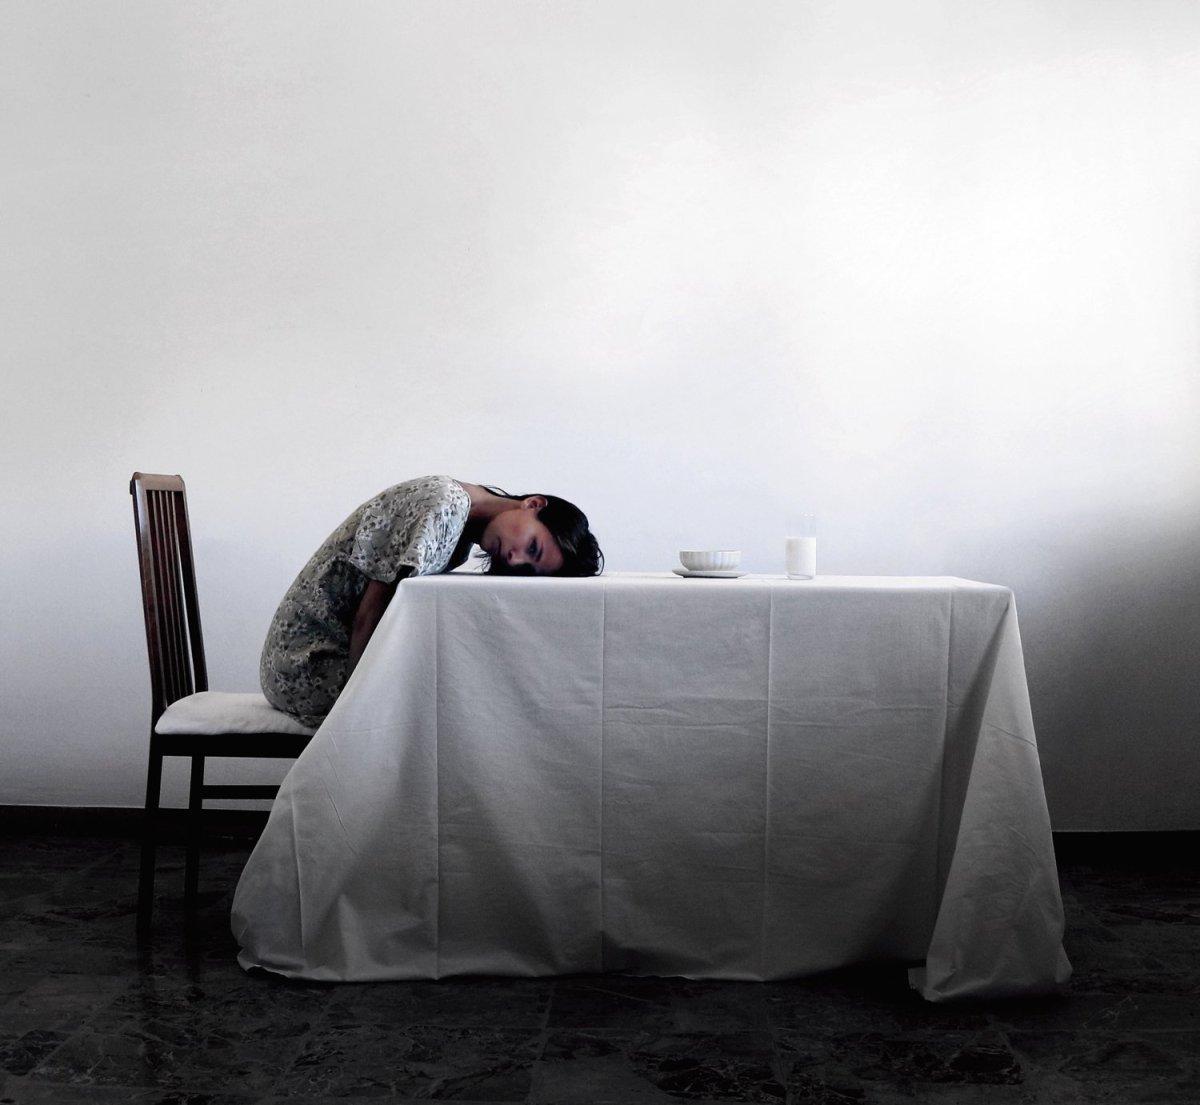 Blanca mañana, blanca espera The Mysterious World Of Montserrat Diaz Photography